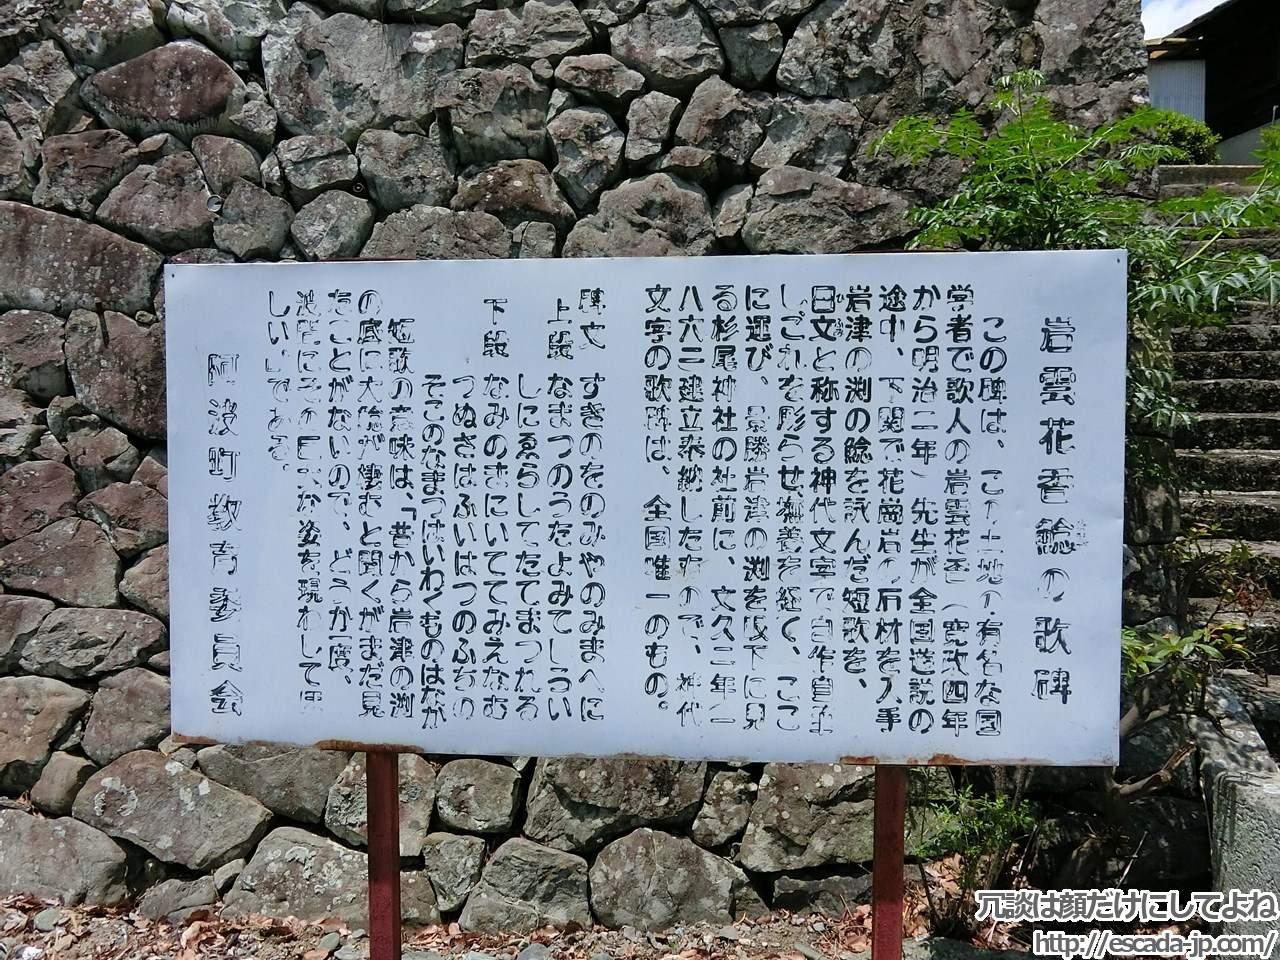 古代文字「鯰の歌碑」